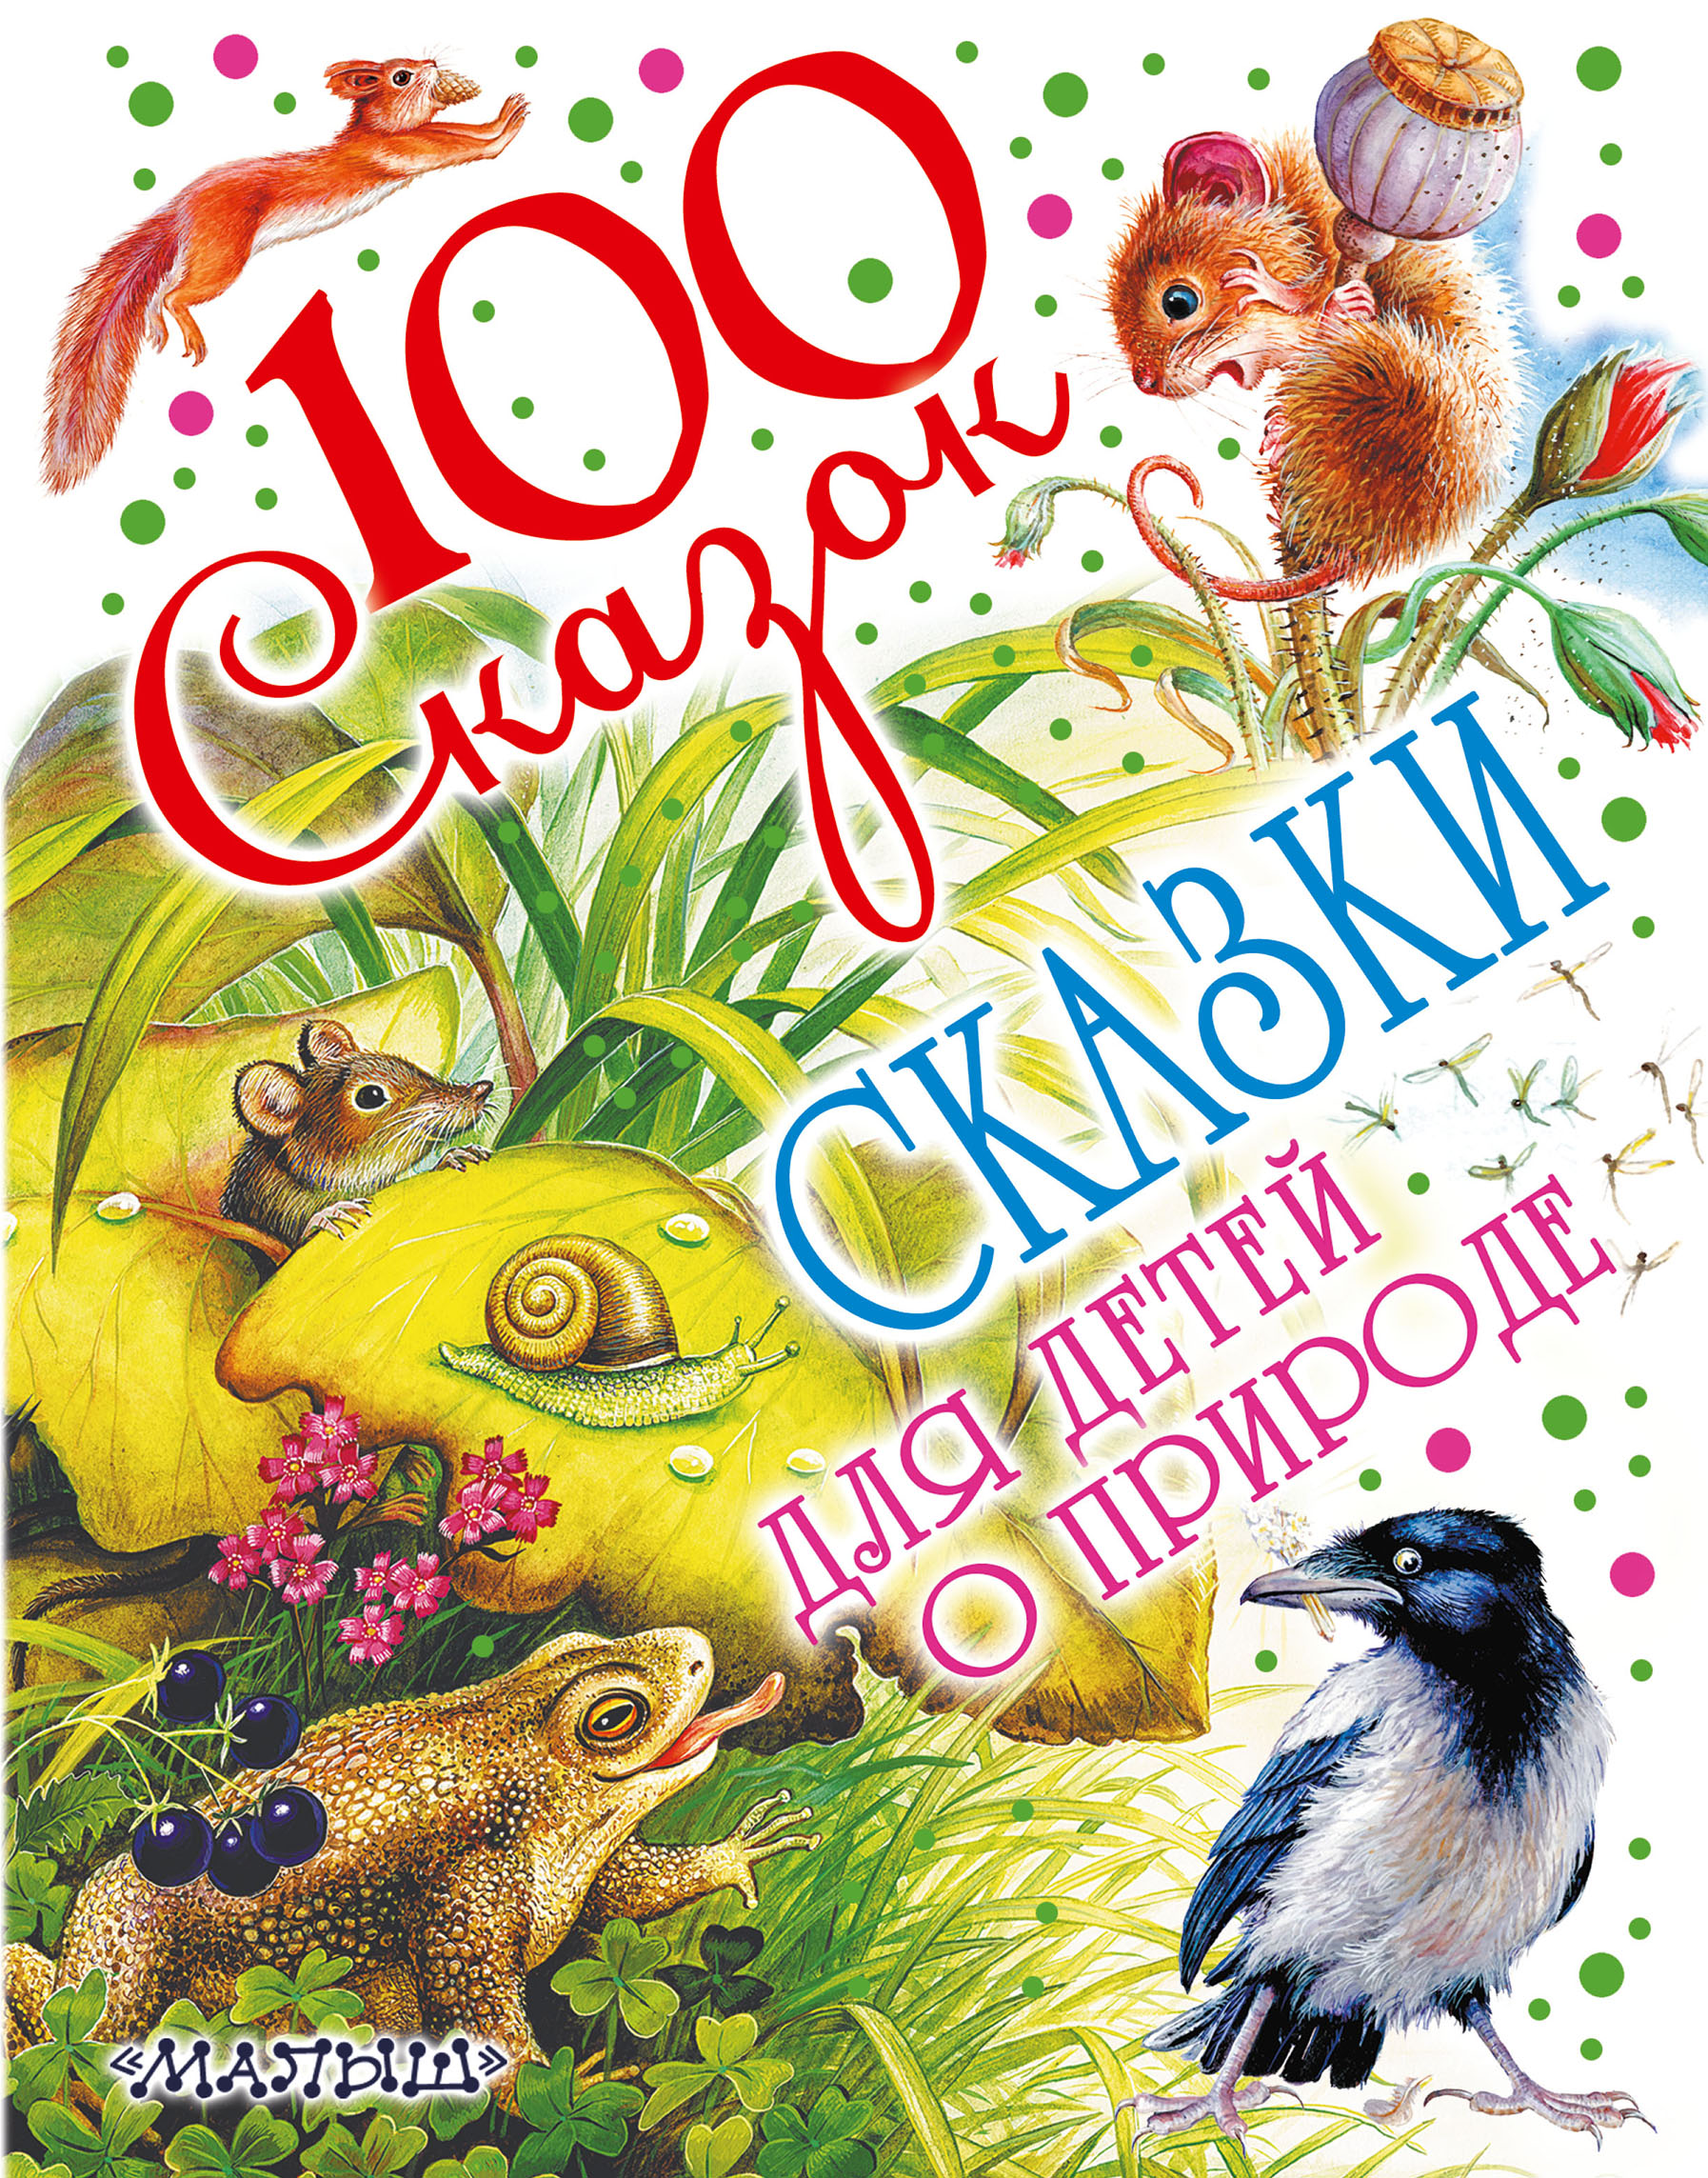 купить Виталий Бианки, Михаил Пришвин, Константин Паустовский Сказки для детей о природе по цене 594 рублей